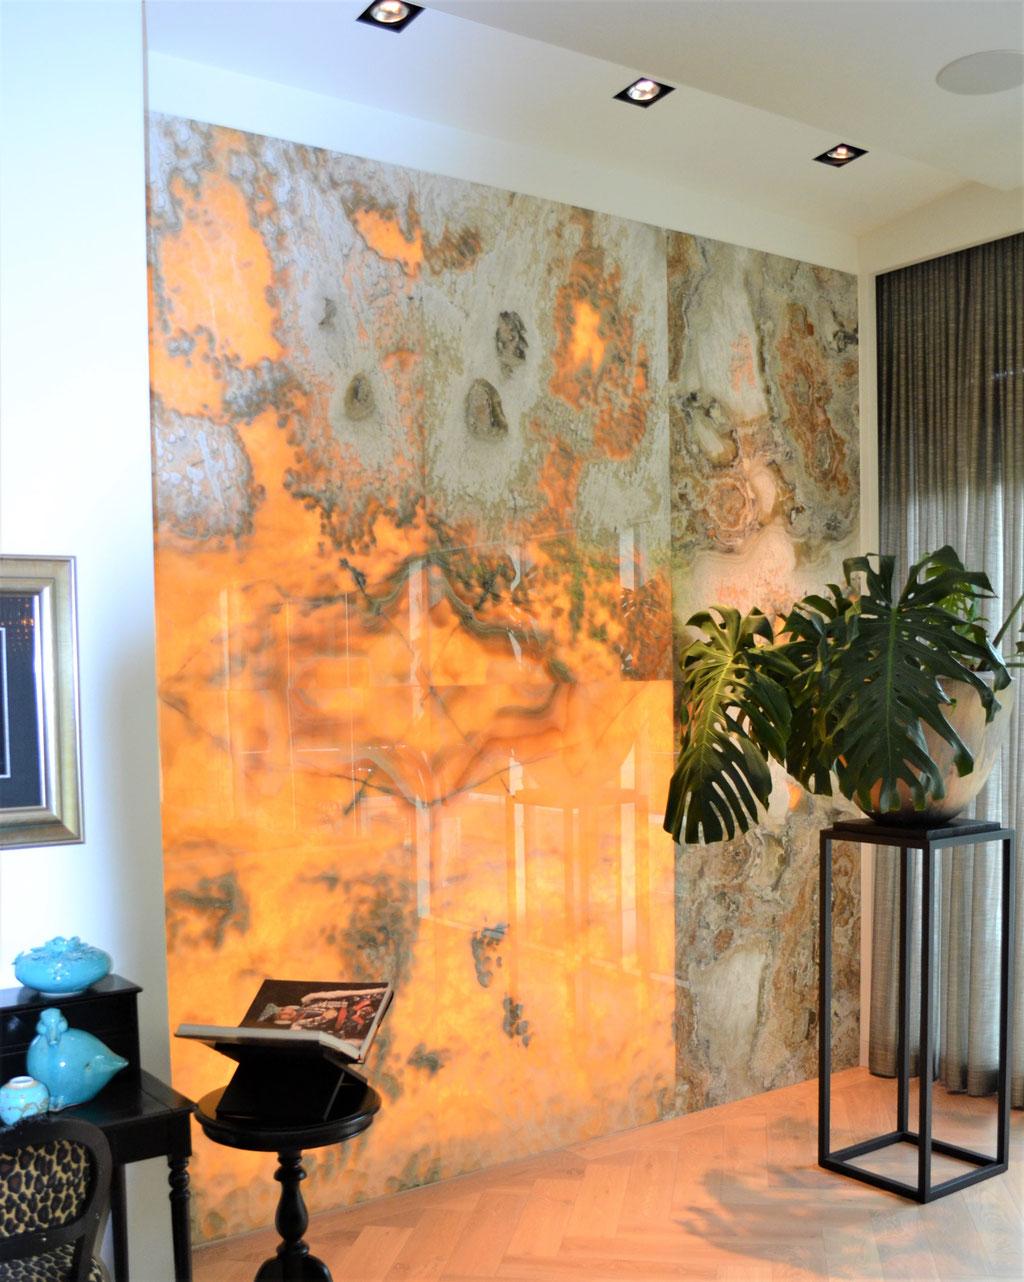 Onyx Arco Iris feature wall met verlichting